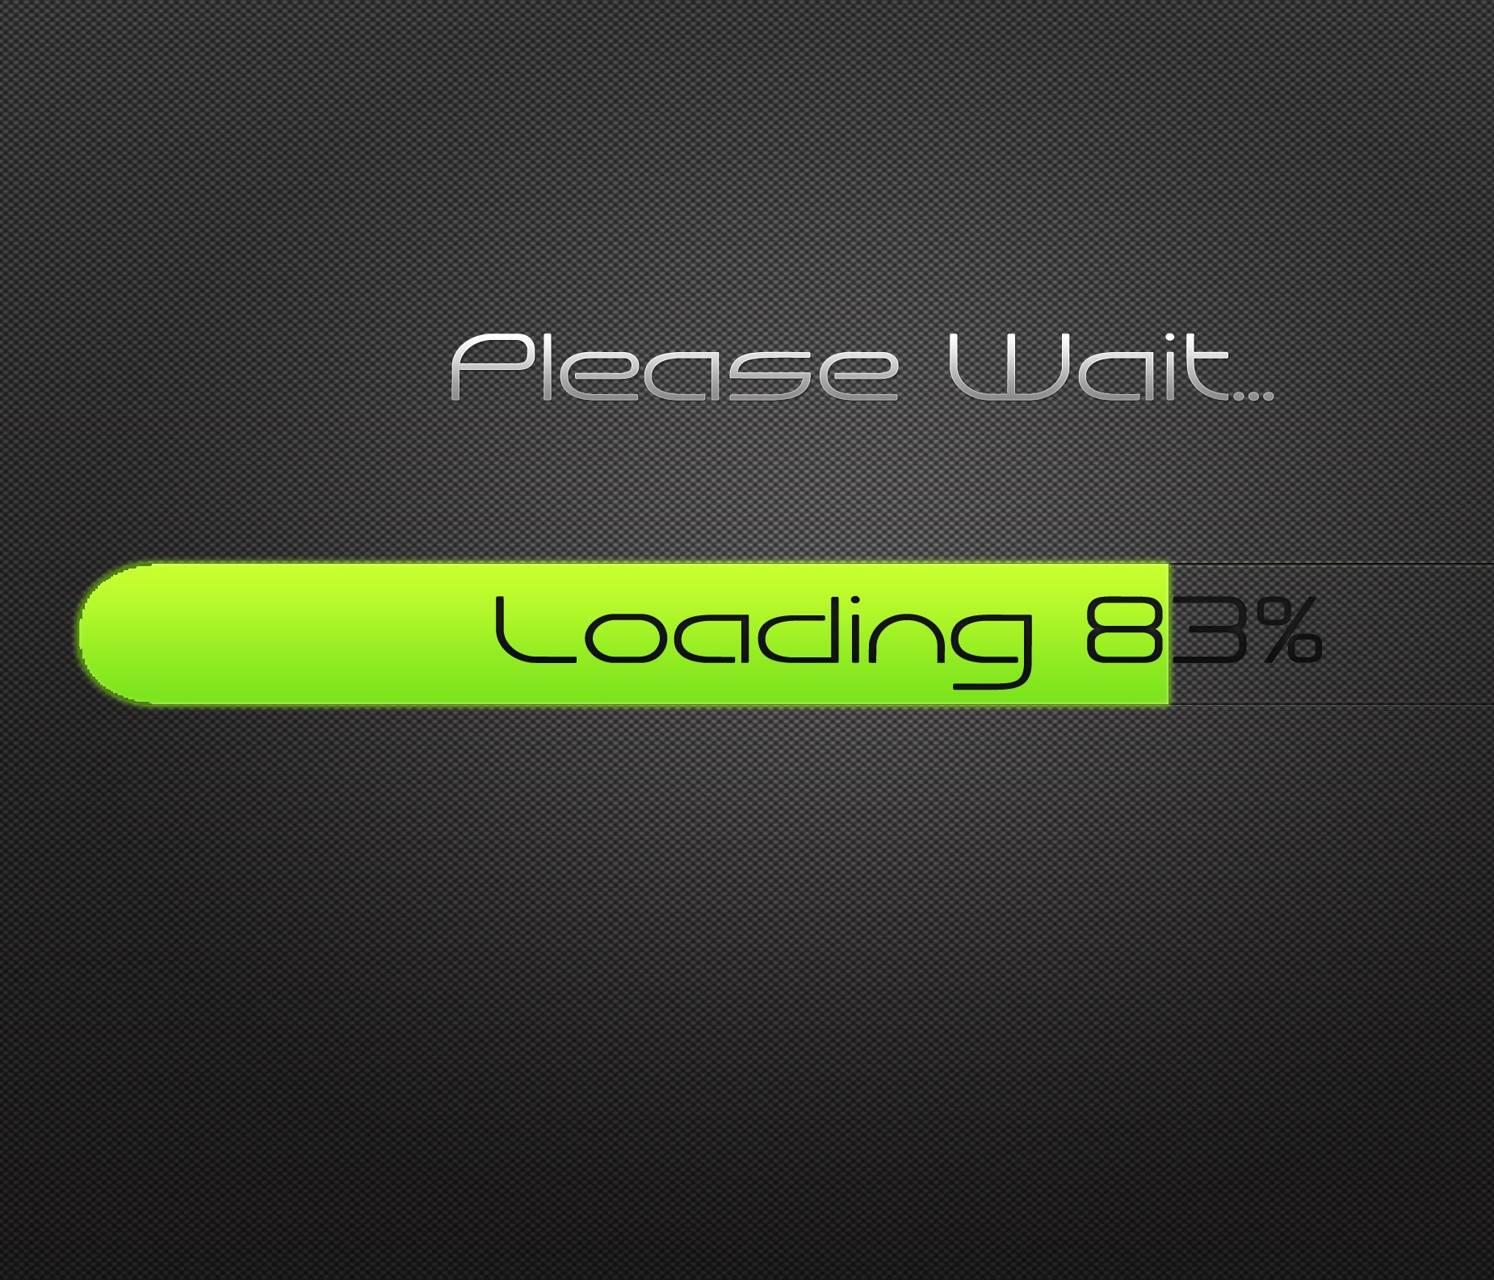 Please Wait Loading